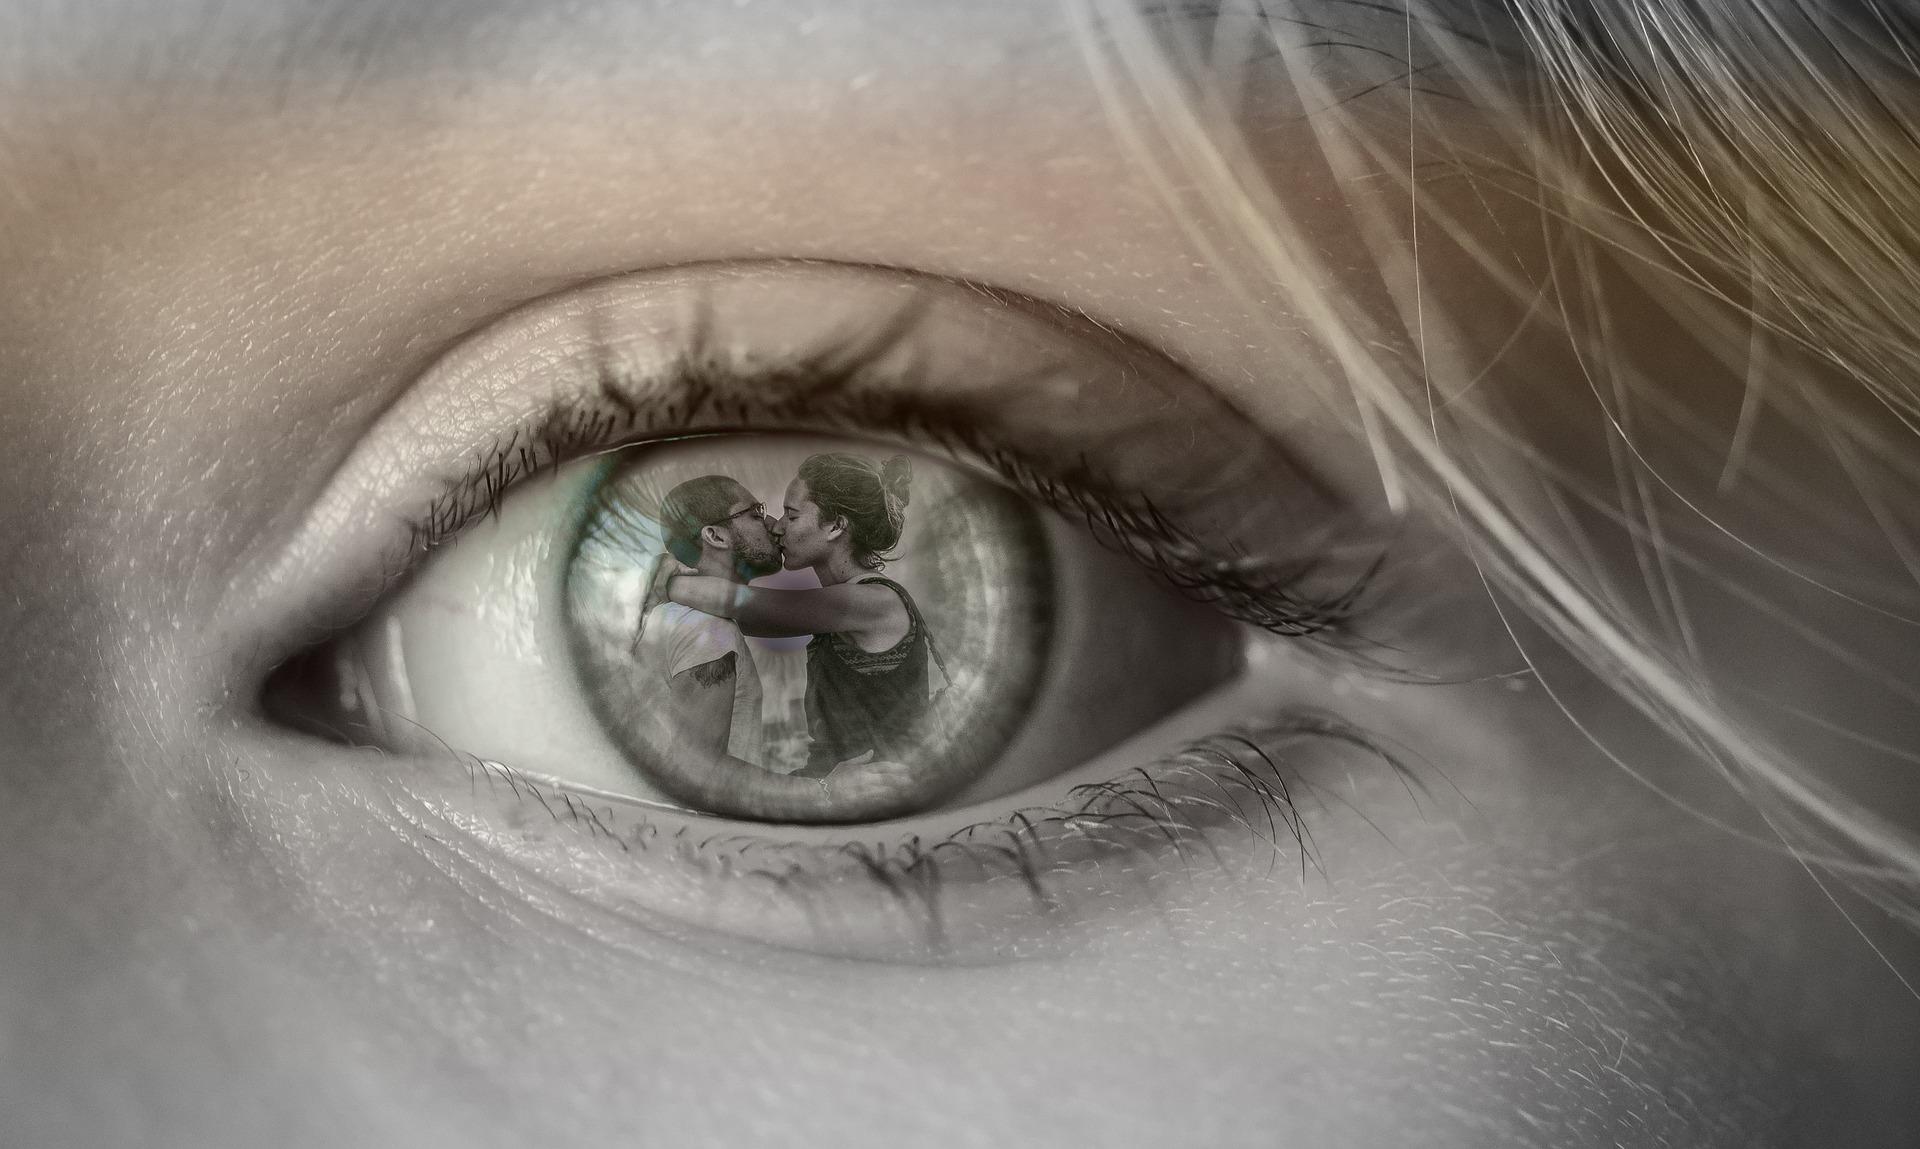 Olho de uma mulher refletindo a cena do namorado beijando outra mulher.